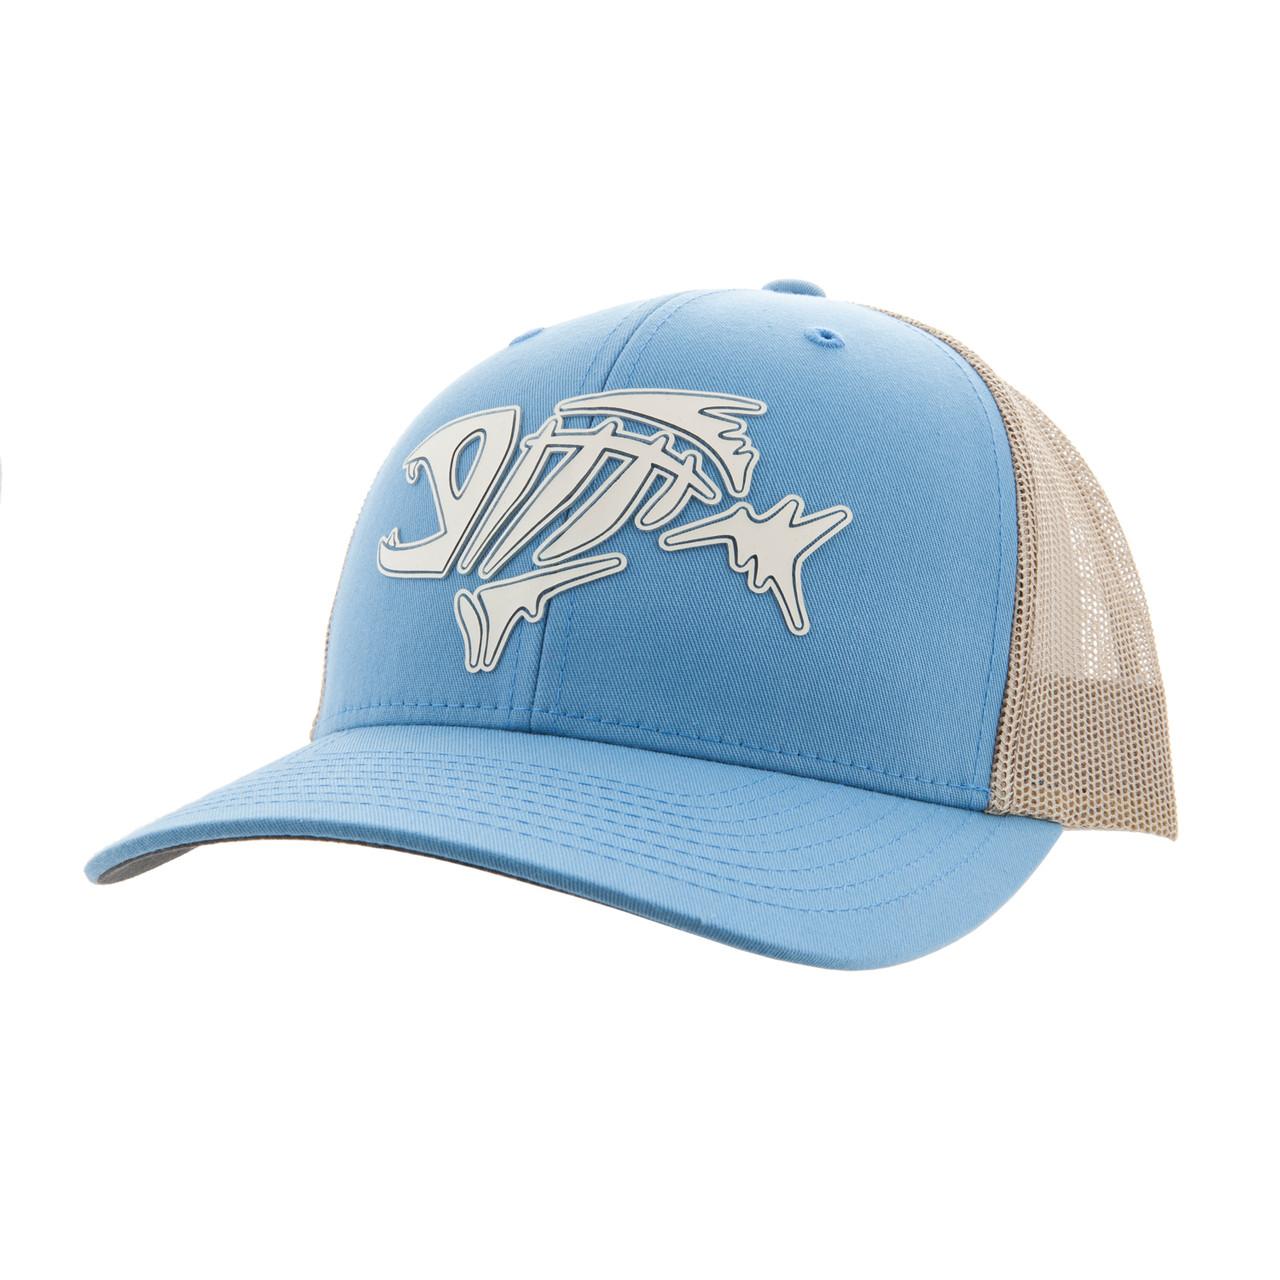 G. Loomis Welded Fish Trucker Cap